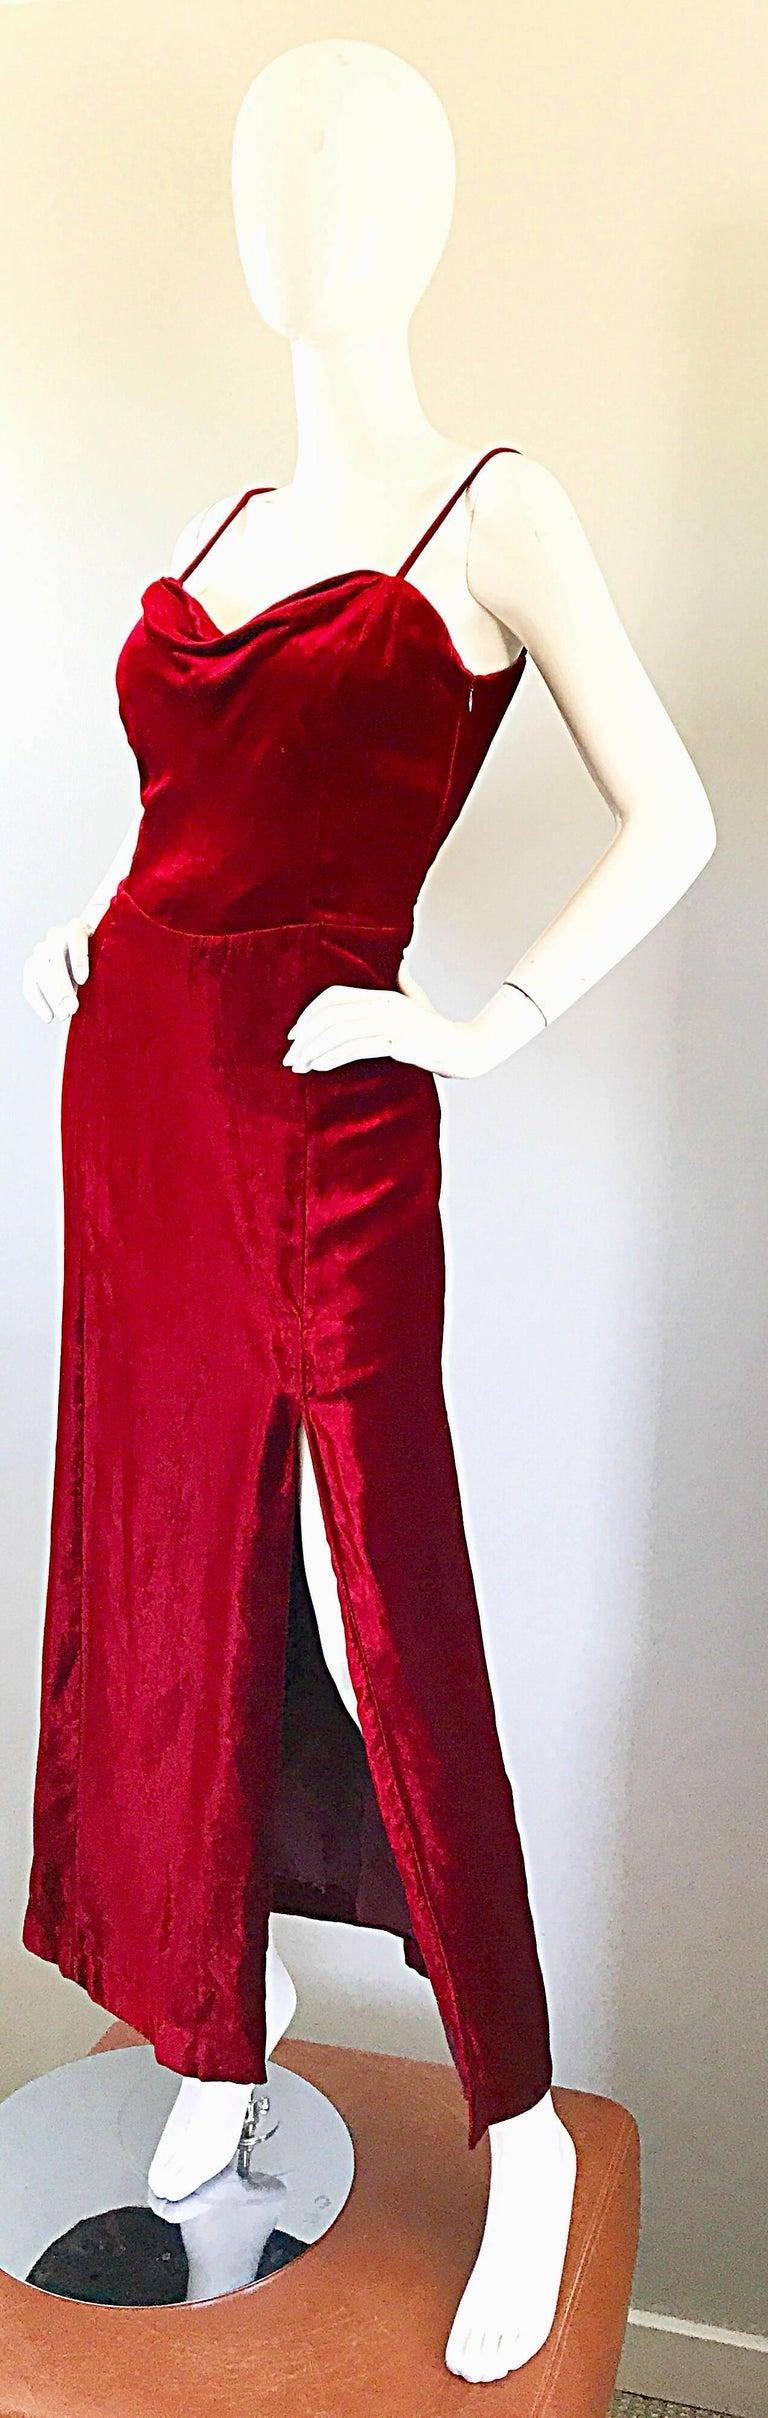 Women's Giorgio Armani Collezioni Vintage Crimson Red Silk Velvet Gown Size 8, 1990s For Sale